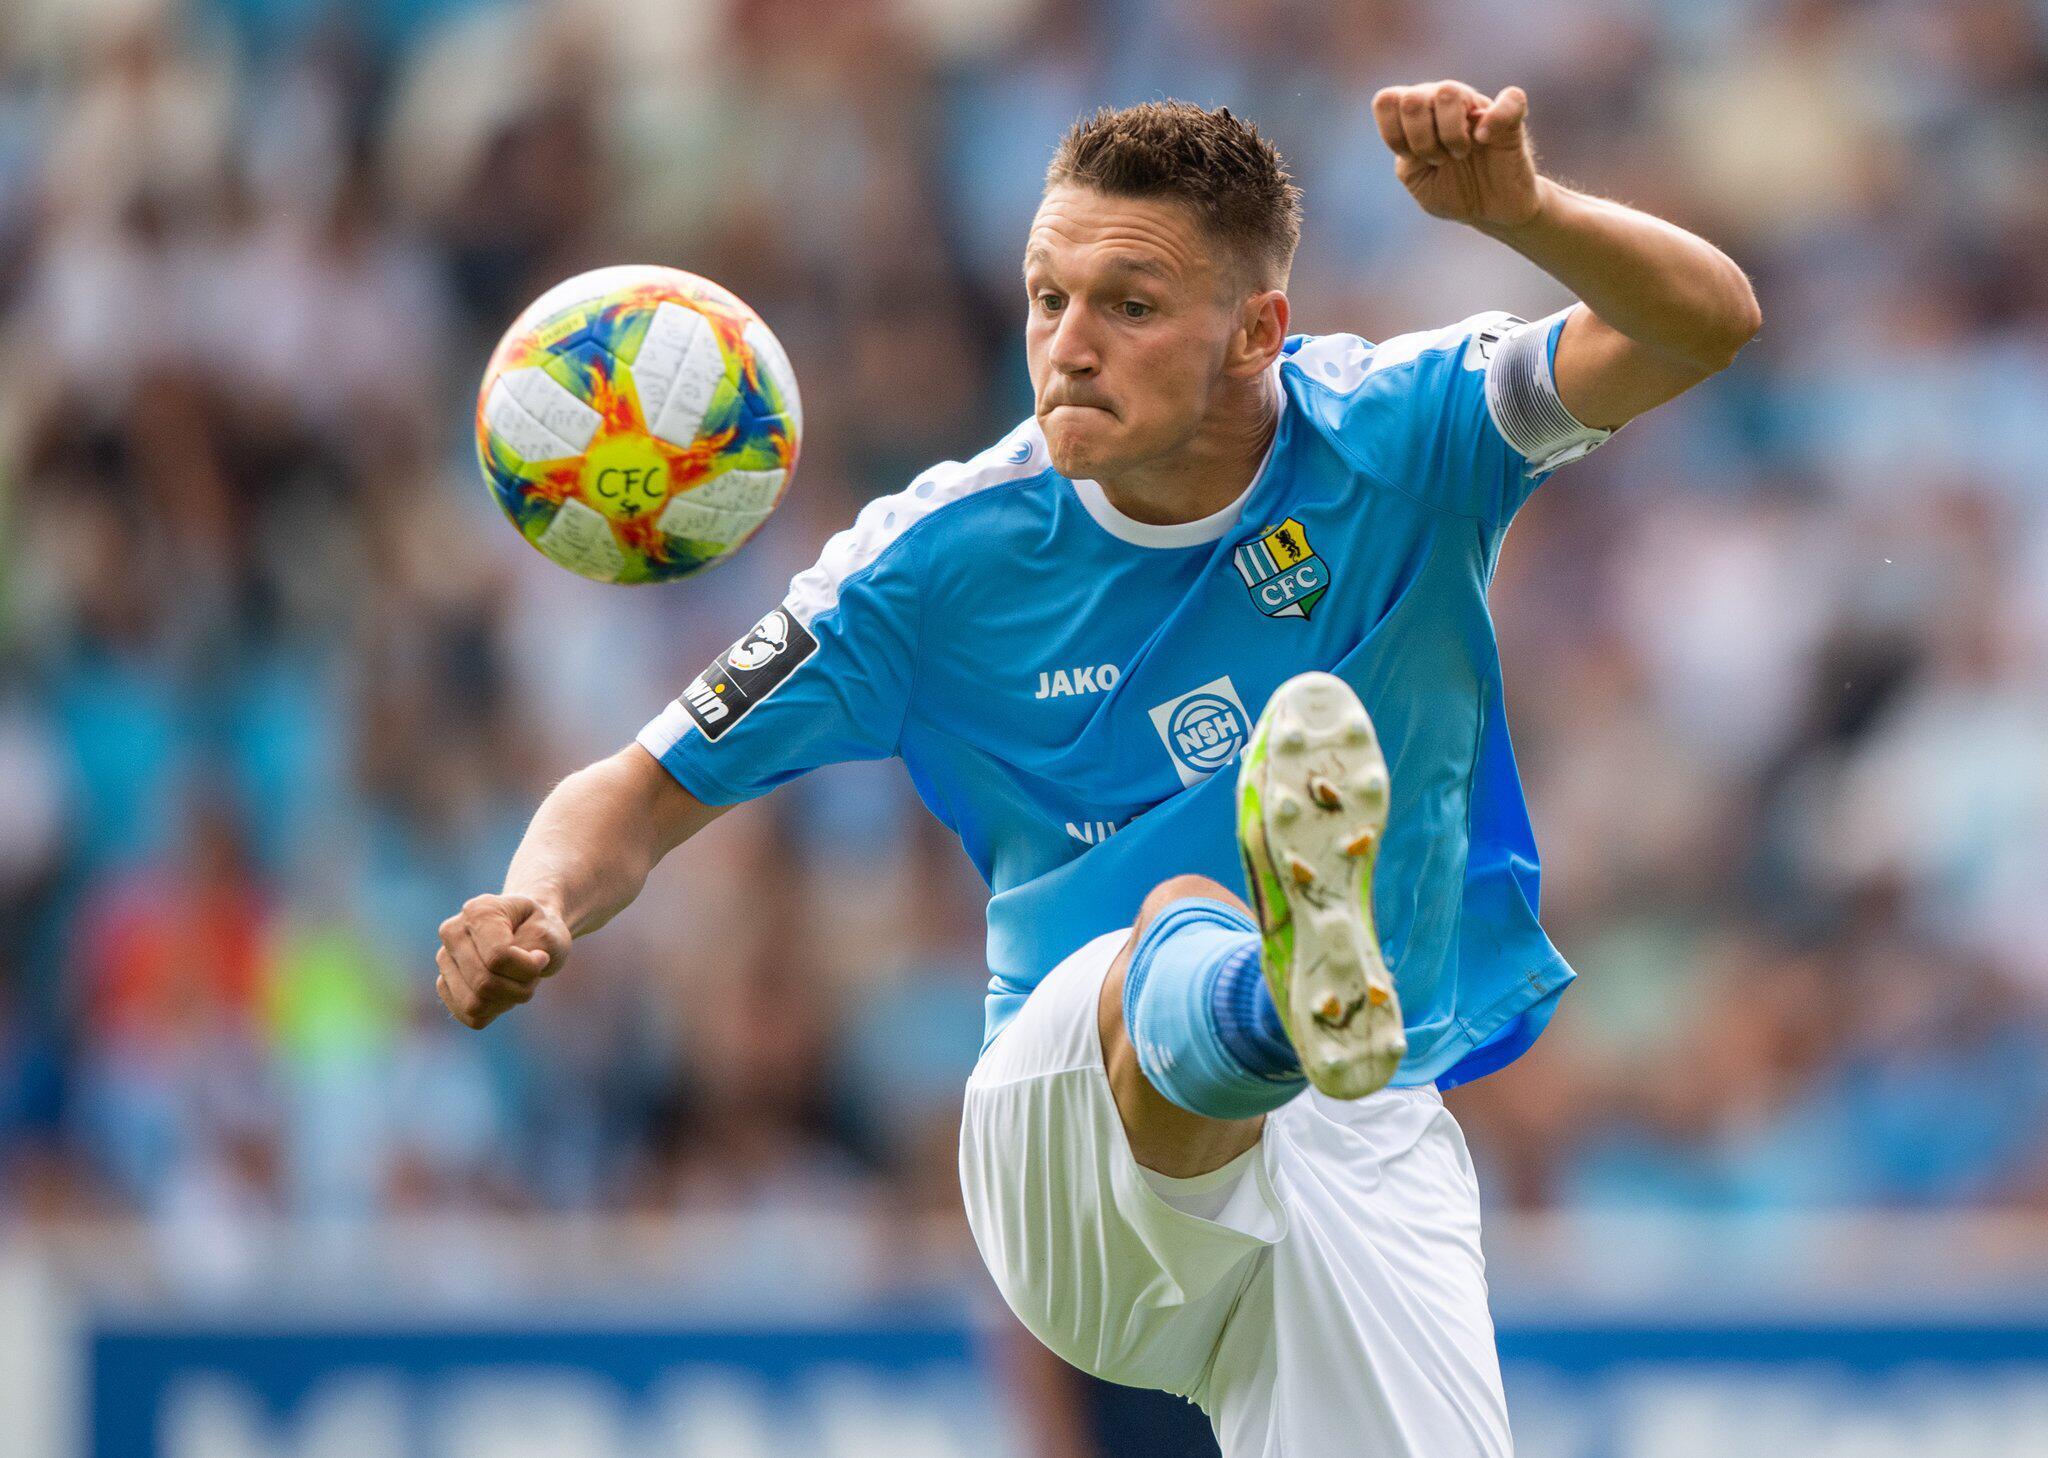 Bild zu Chemnitzer FC wirft Kapitän Frahn wegen Nähe zu Rechten raus